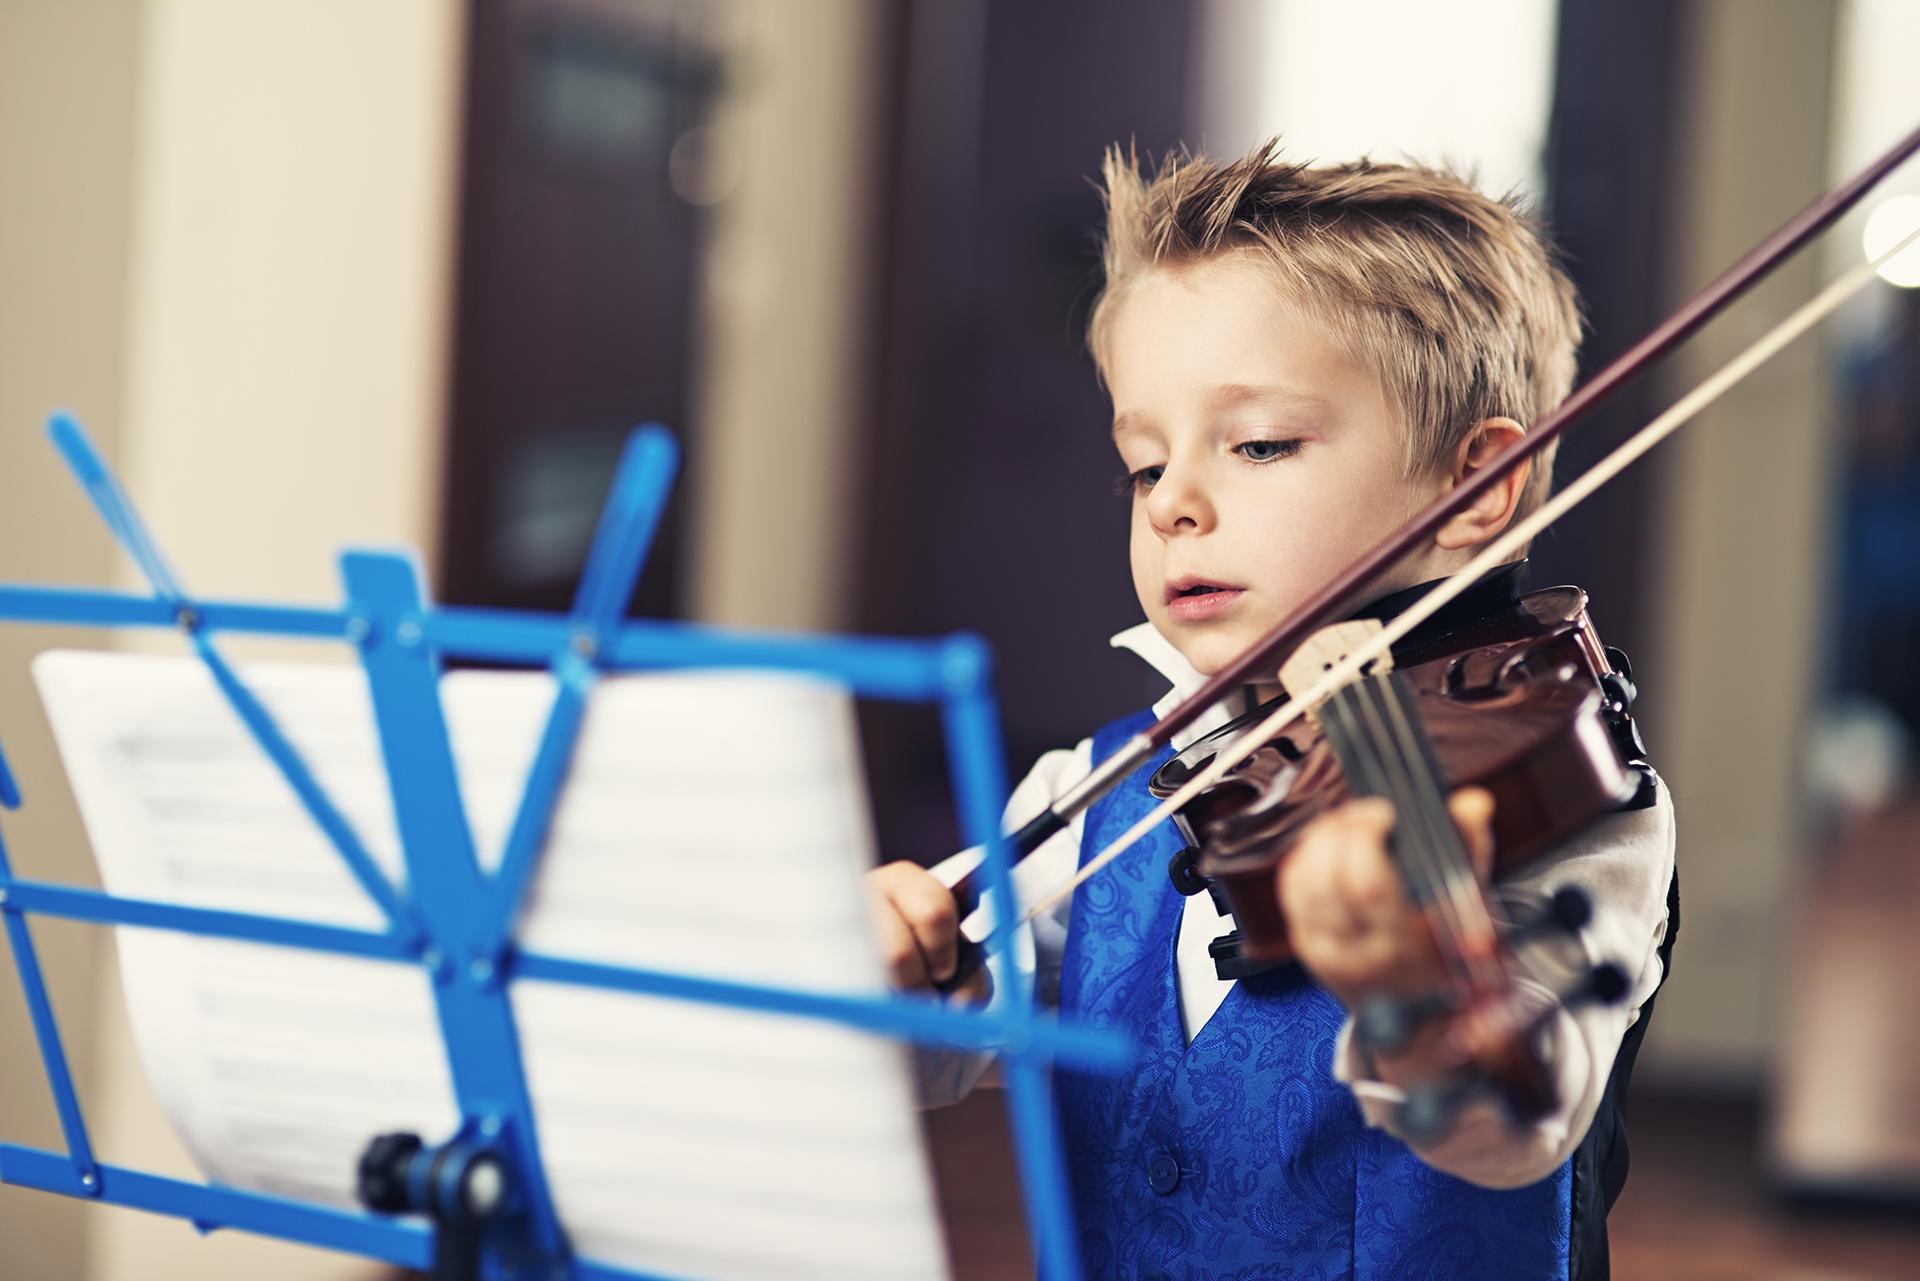 Jeune enfant jouant de la musique avec un violon pour illustrer la méthode neurofeedback, entrainement du cerveau en écoutant de la musique »